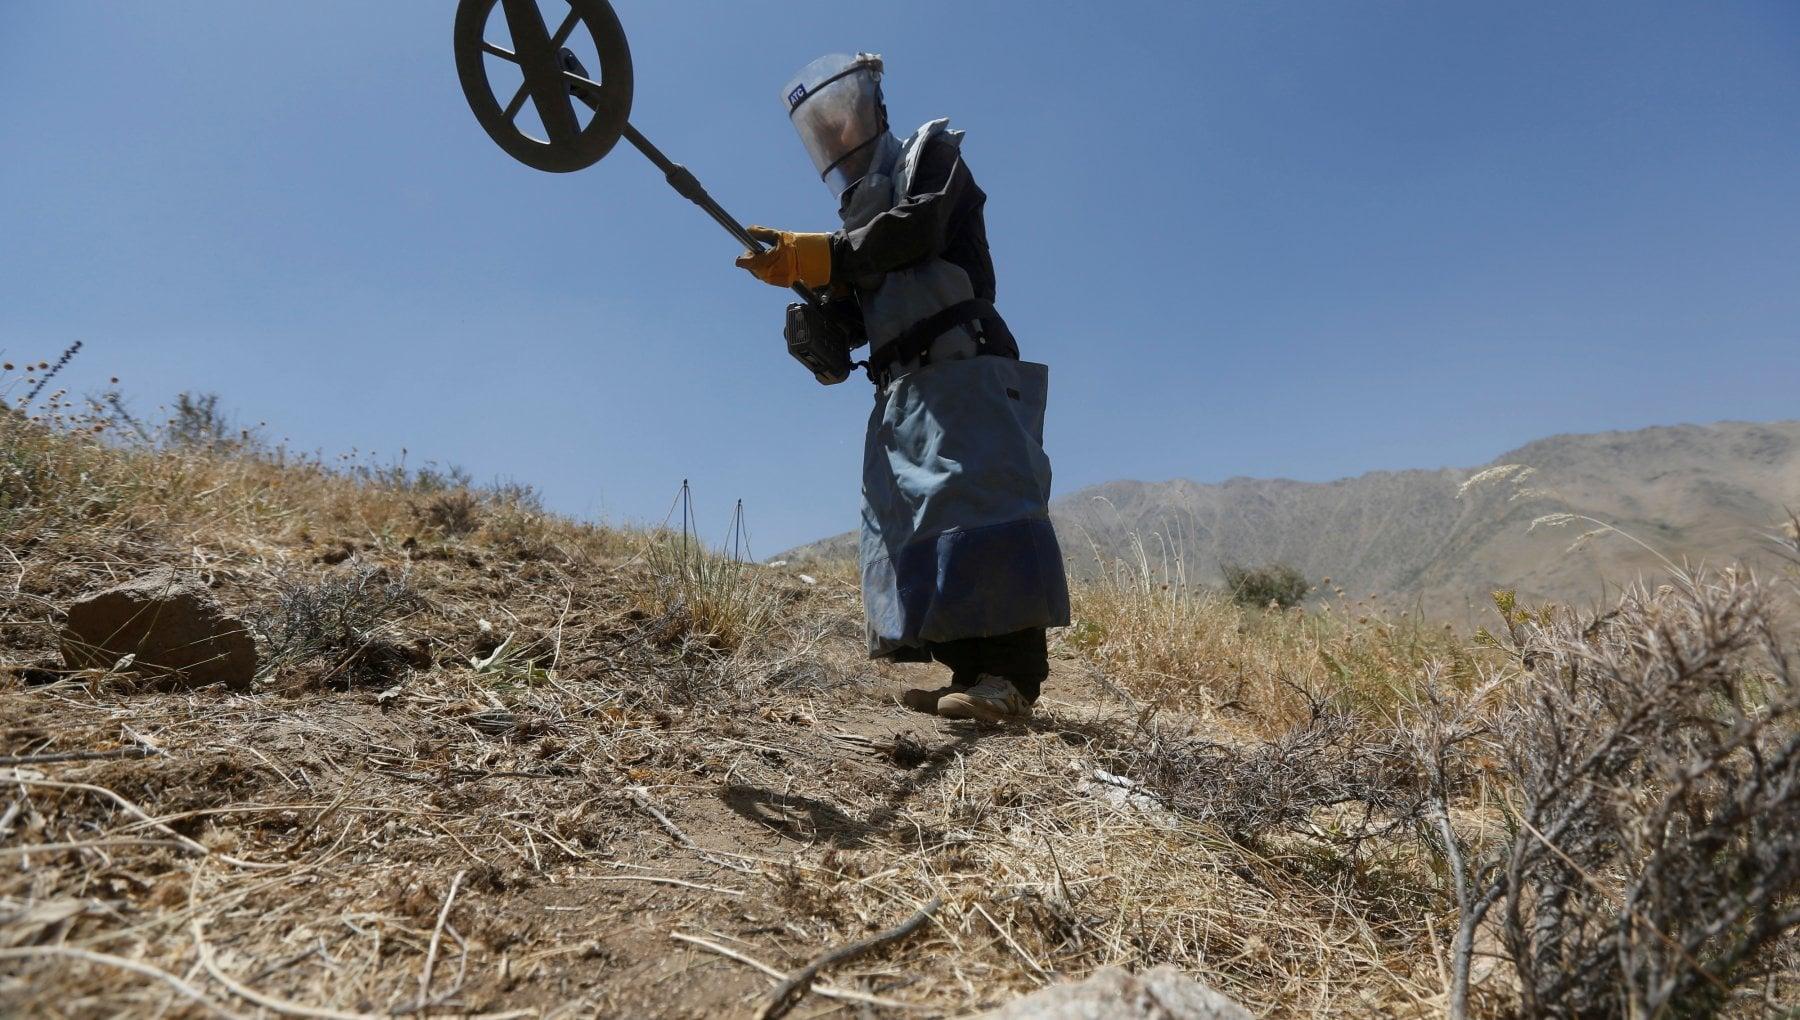 102757635 31481e89 ecaf 43c9 8e1d f419860c805e - Afghanistan, attacco armato al Nord: uccisi 10 sminatori. I Talebani negano la responsabilità